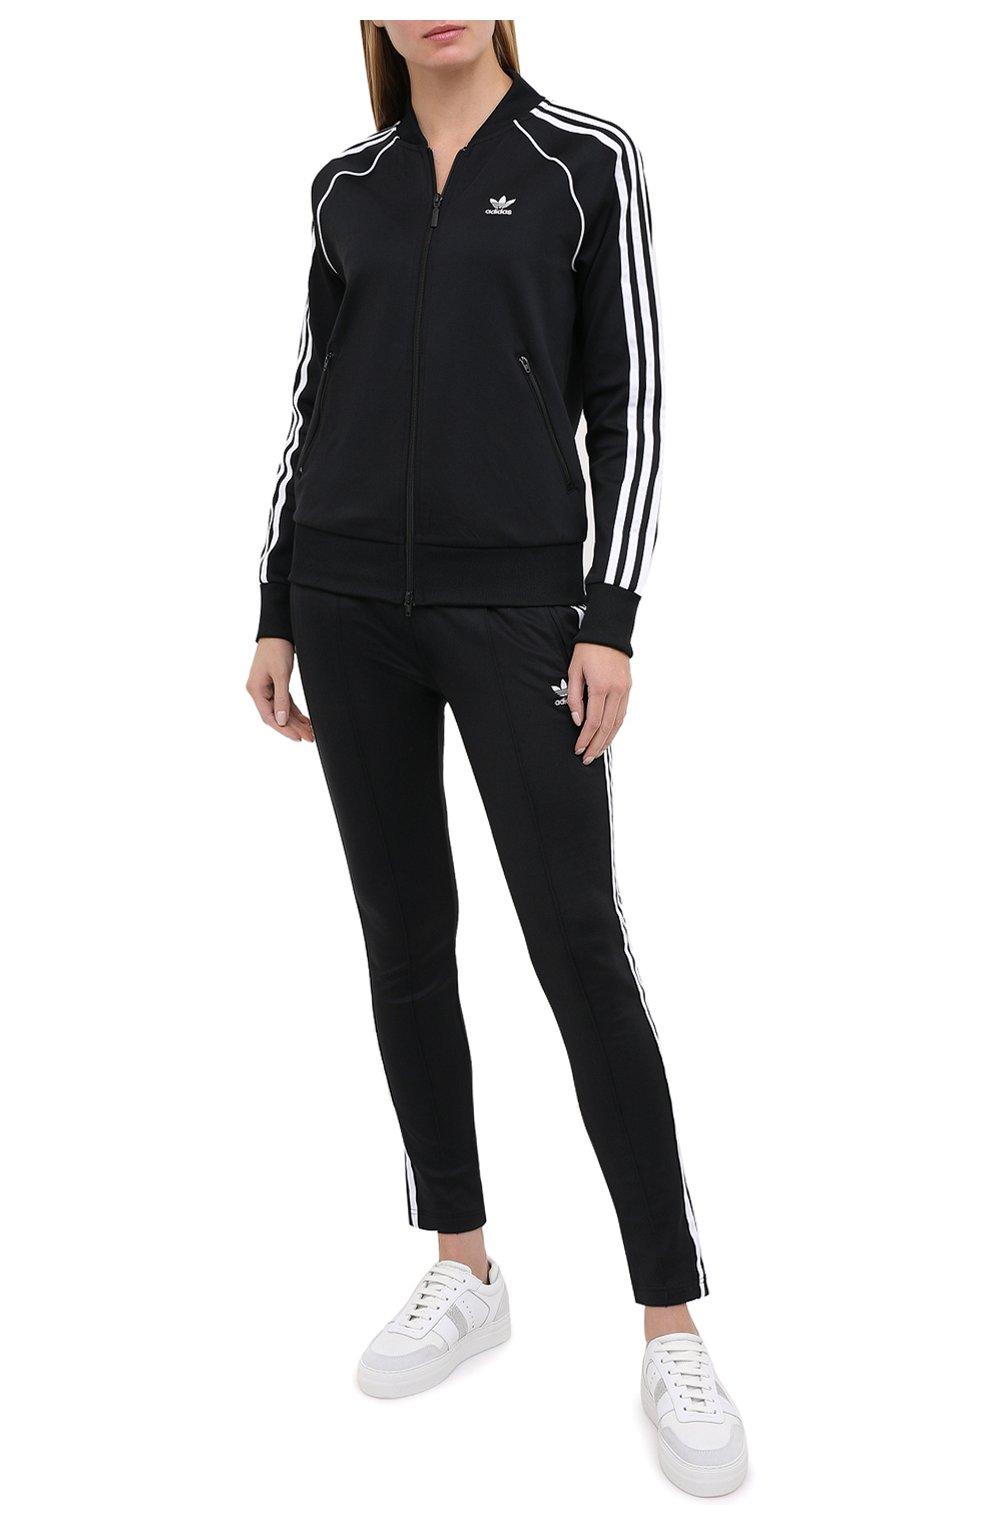 Женский толстовка ADIDAS ORIGINALS черного цвета, арт. GD2374 | Фото 2 (Рукава: Длинные; Женское Кросс-КТ: Толстовка-спорт, Кардиган-одежда; Кросс-КТ: Спорт; Материал внешний: Синтетический материал; Длина (для топов): Стандартные; Стили: Спорт-шик)